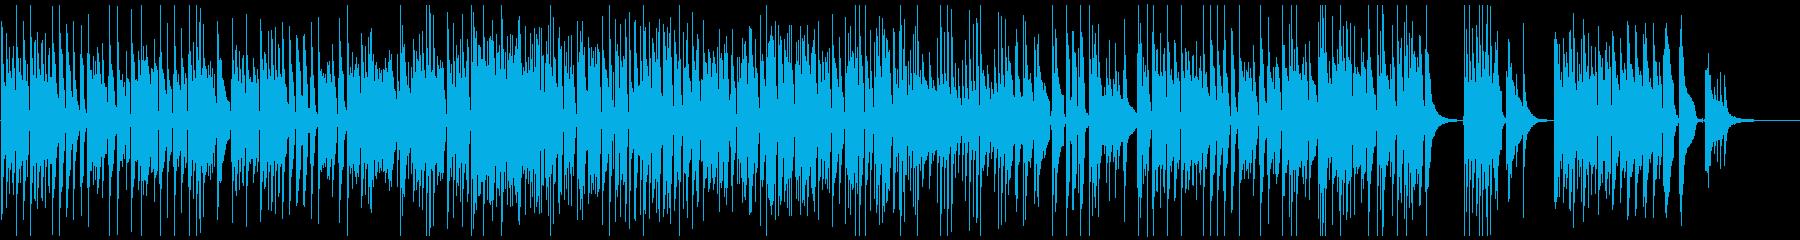 ベートーヴェンの悲愴をナイロンギターでの再生済みの波形